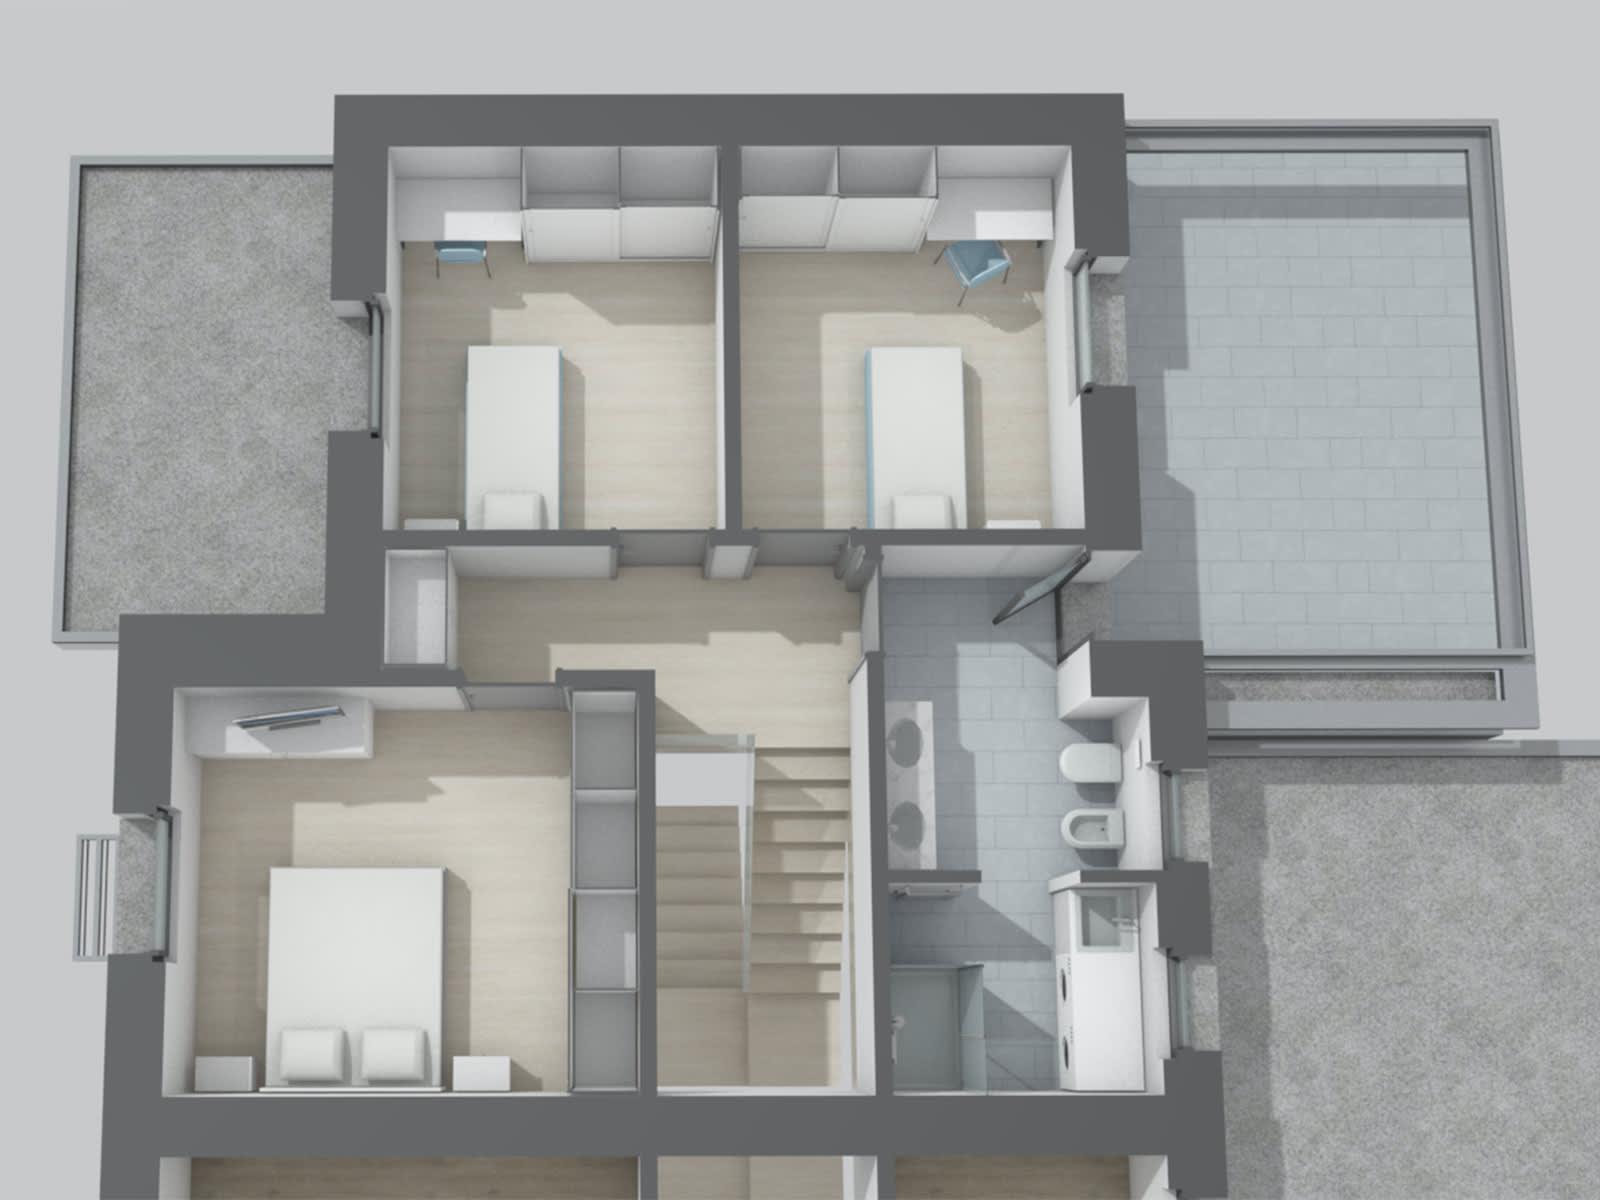 Un'ampia villa bifamiliare ancora da personalizzare e costruire. Alta efficenza energetica e massimo comfort in camere grandi e luminose.